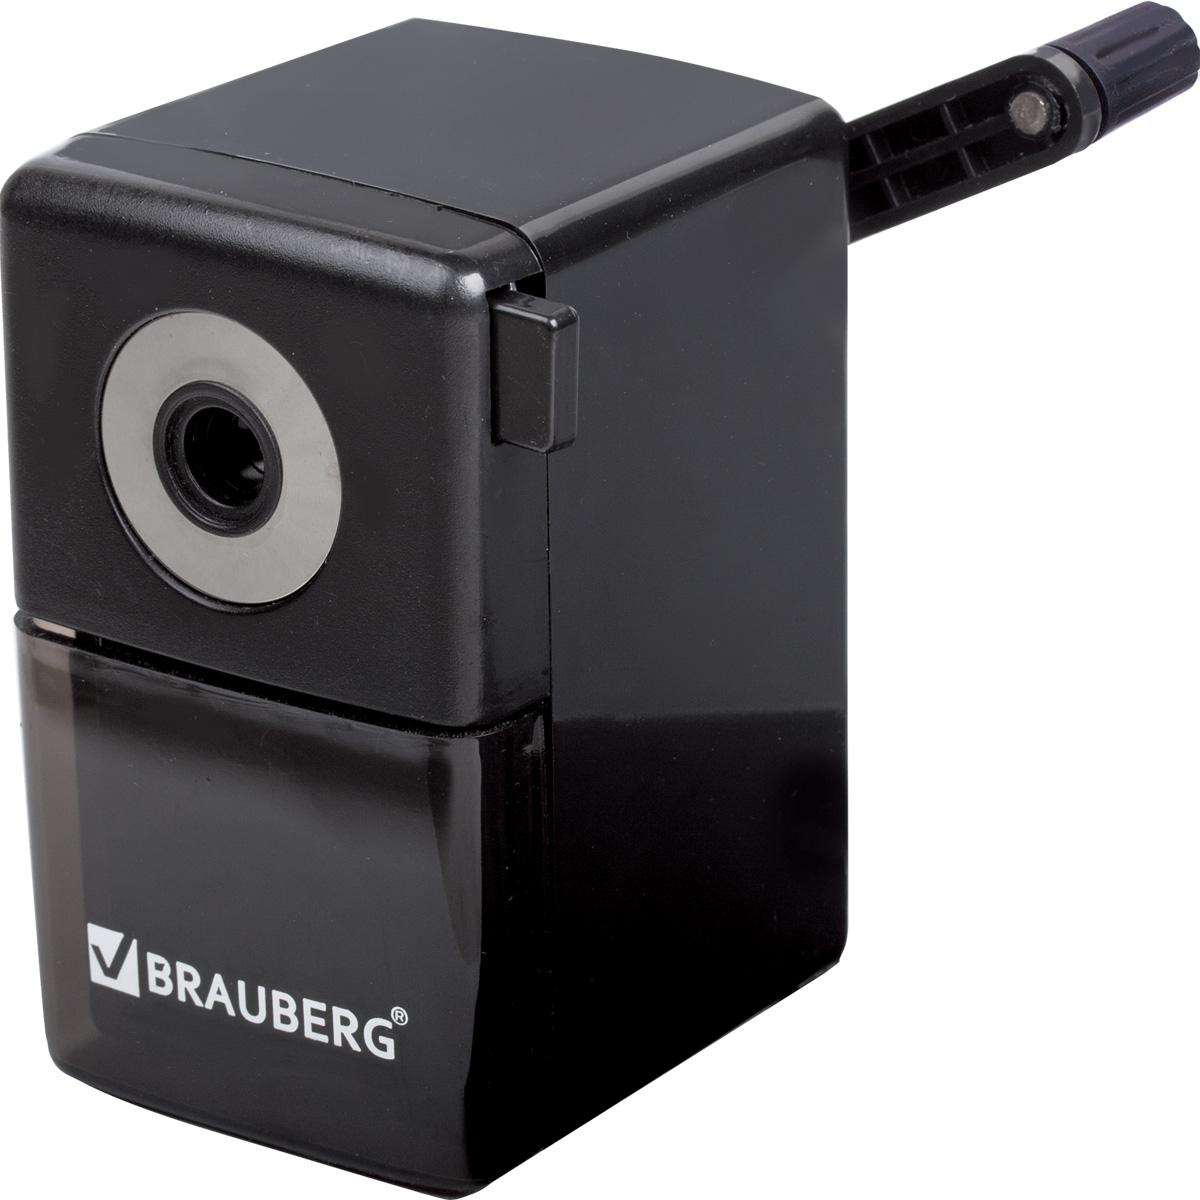 Brauberg Точилка BlackJack30FAТочилка BraubergBlackJack, качественный металлический механизм обеспечивает лёгкое, равномерное затачивание карандашей и долговечность работы точилки. Специальный зажим для крепления к столу обеспечивает дополнительное удобство в использовании.